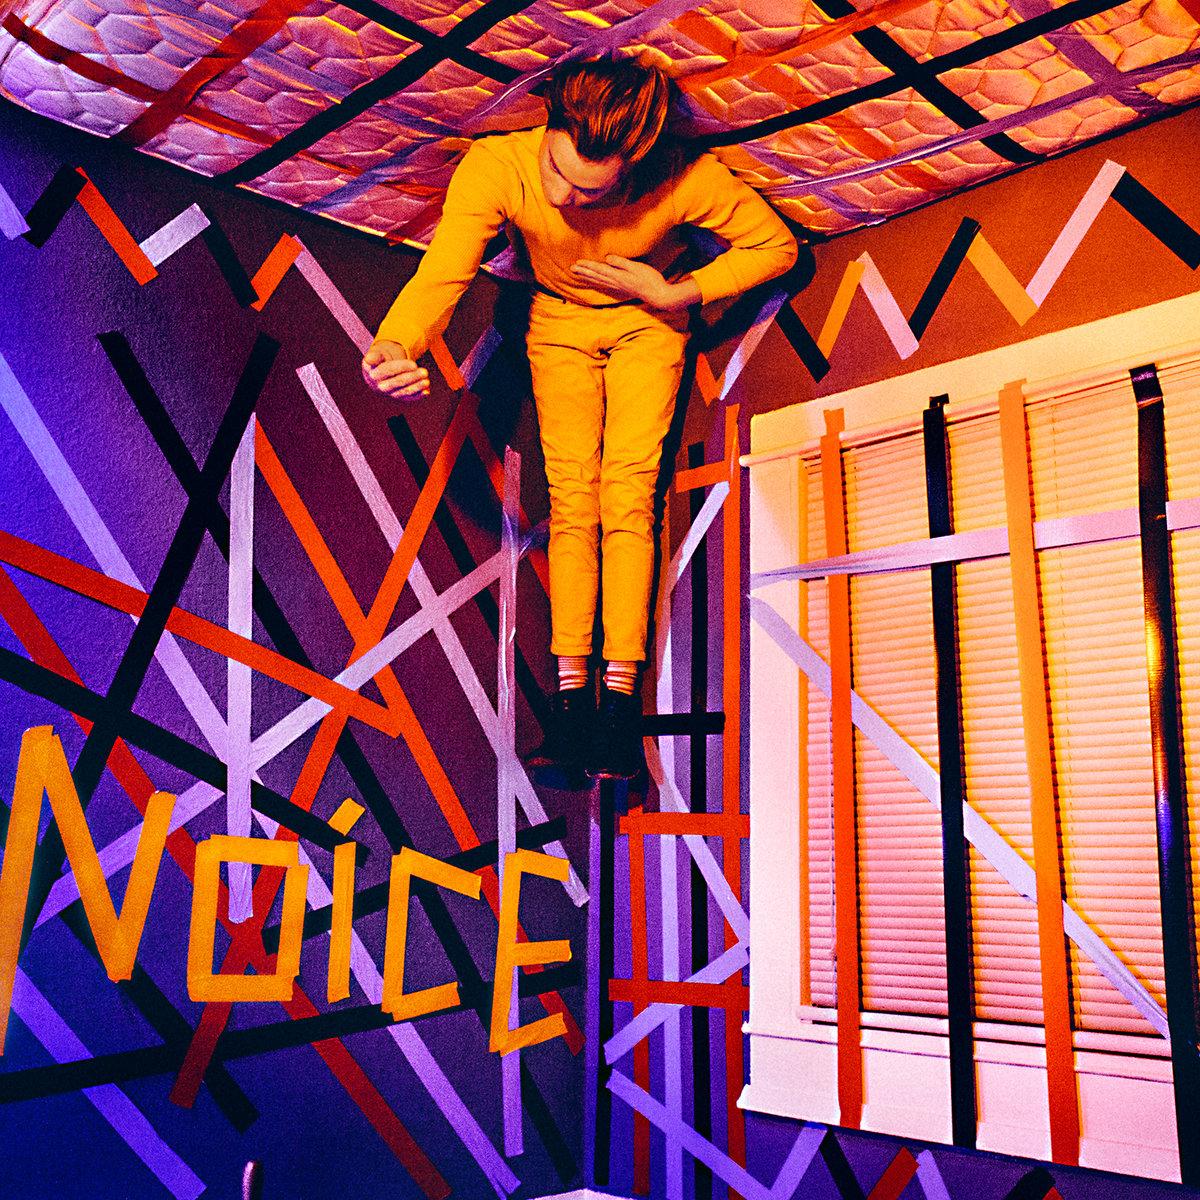 0069 Alexander Noice NOICE.jpg